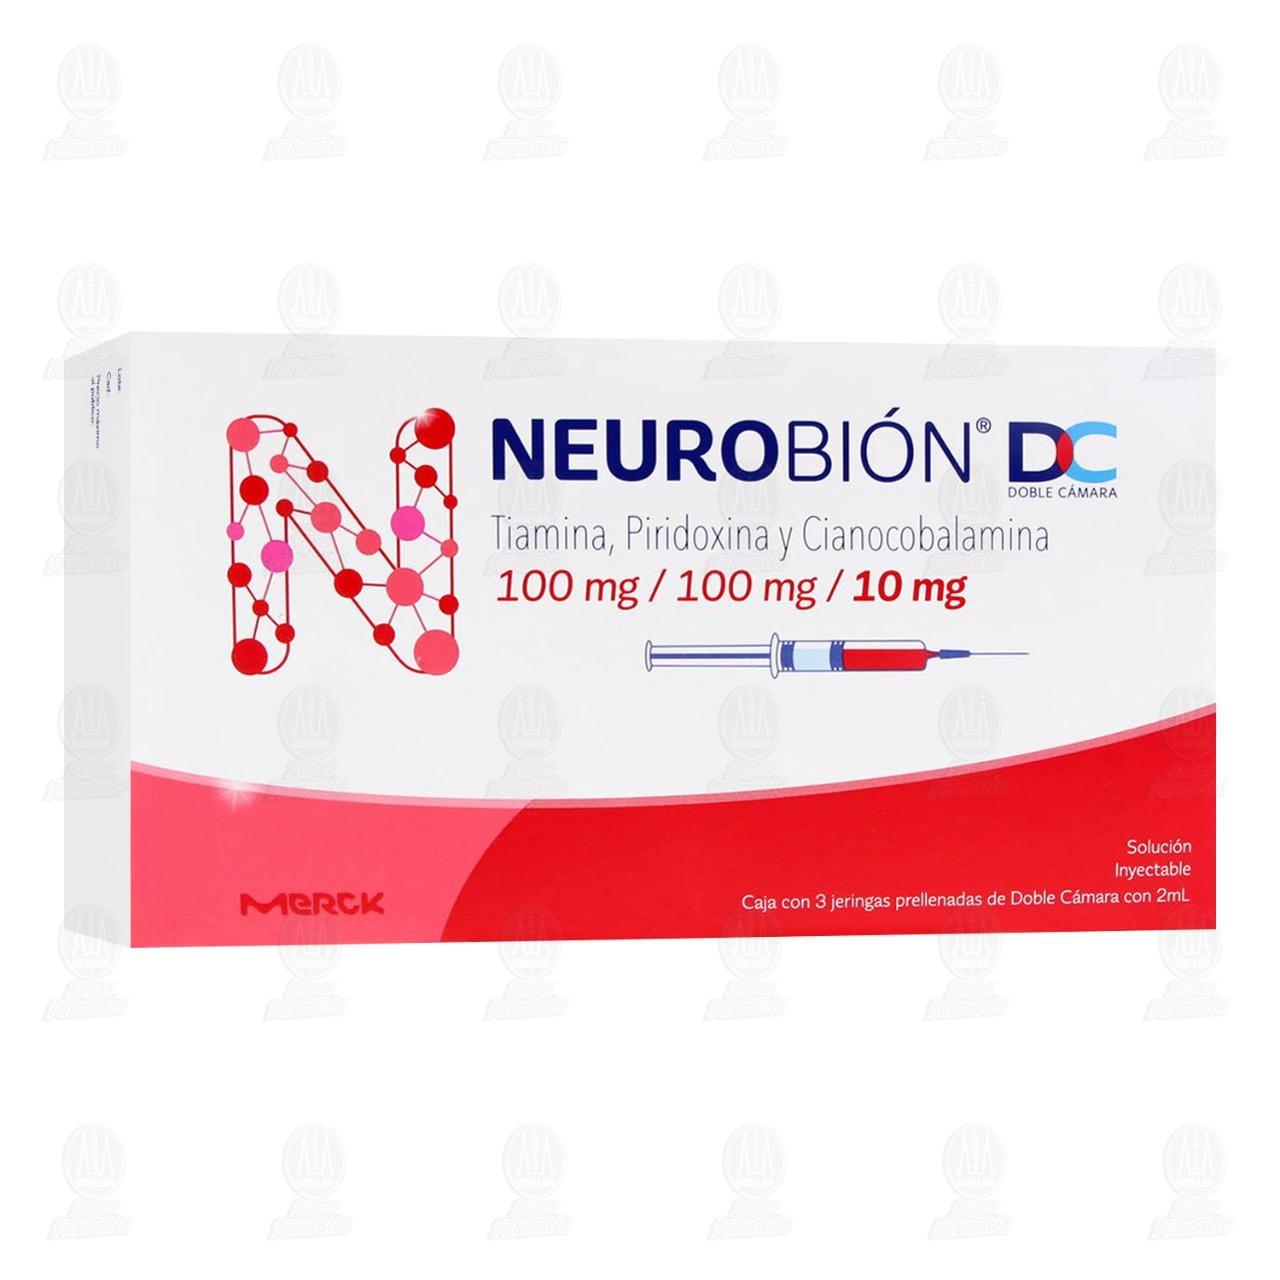 Comprar Neurobión 100mg/100mg/10mg con 3 Jeringas Doble Cámara en Farmacias Guadalajara